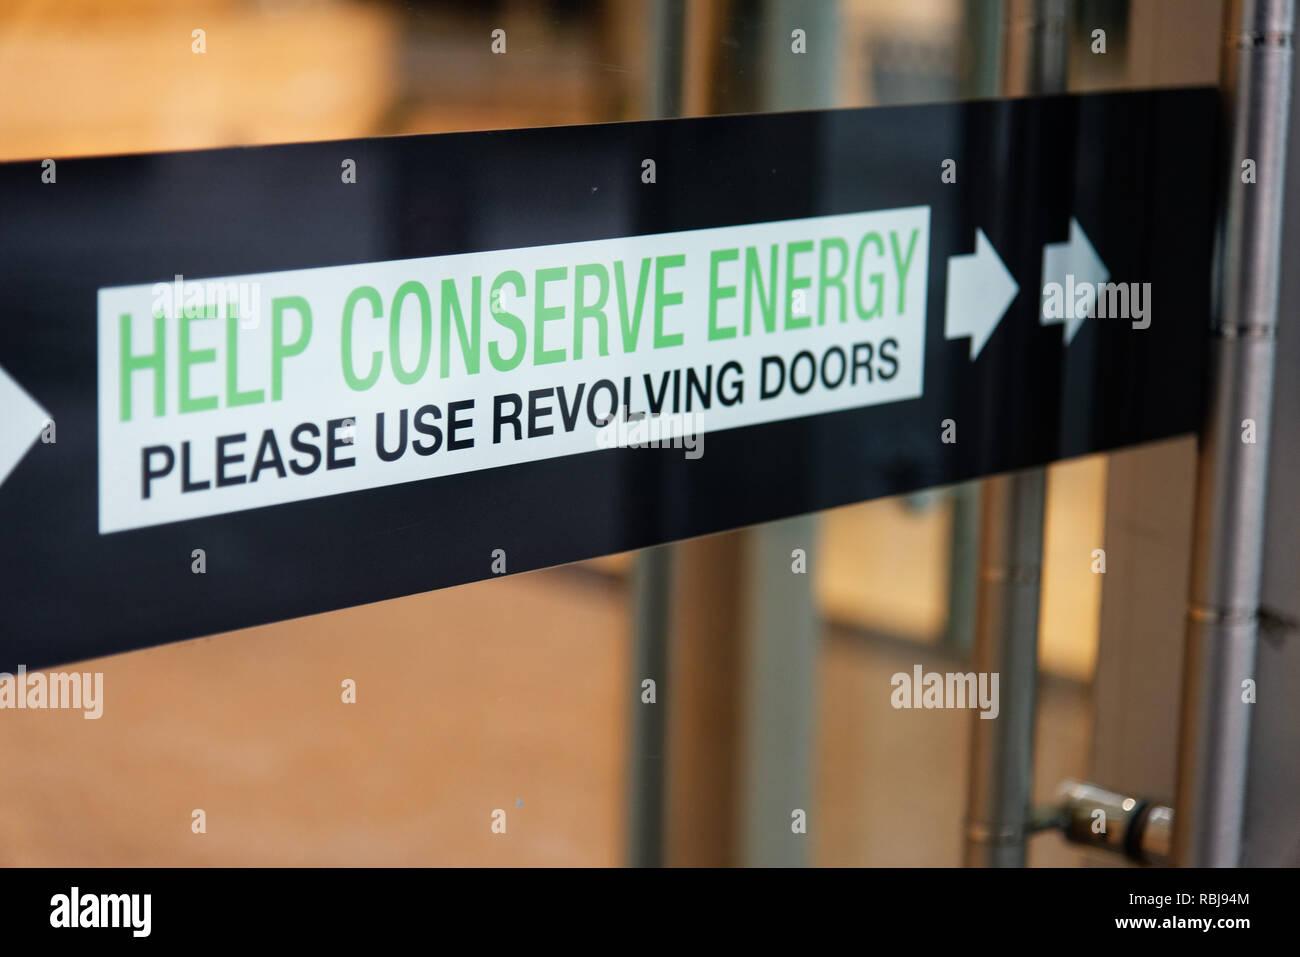 Un panneau dans un immeuble Toronto disant aider économiser de l'énergie - Veuillez utiliser des portes tournantes Photo Stock